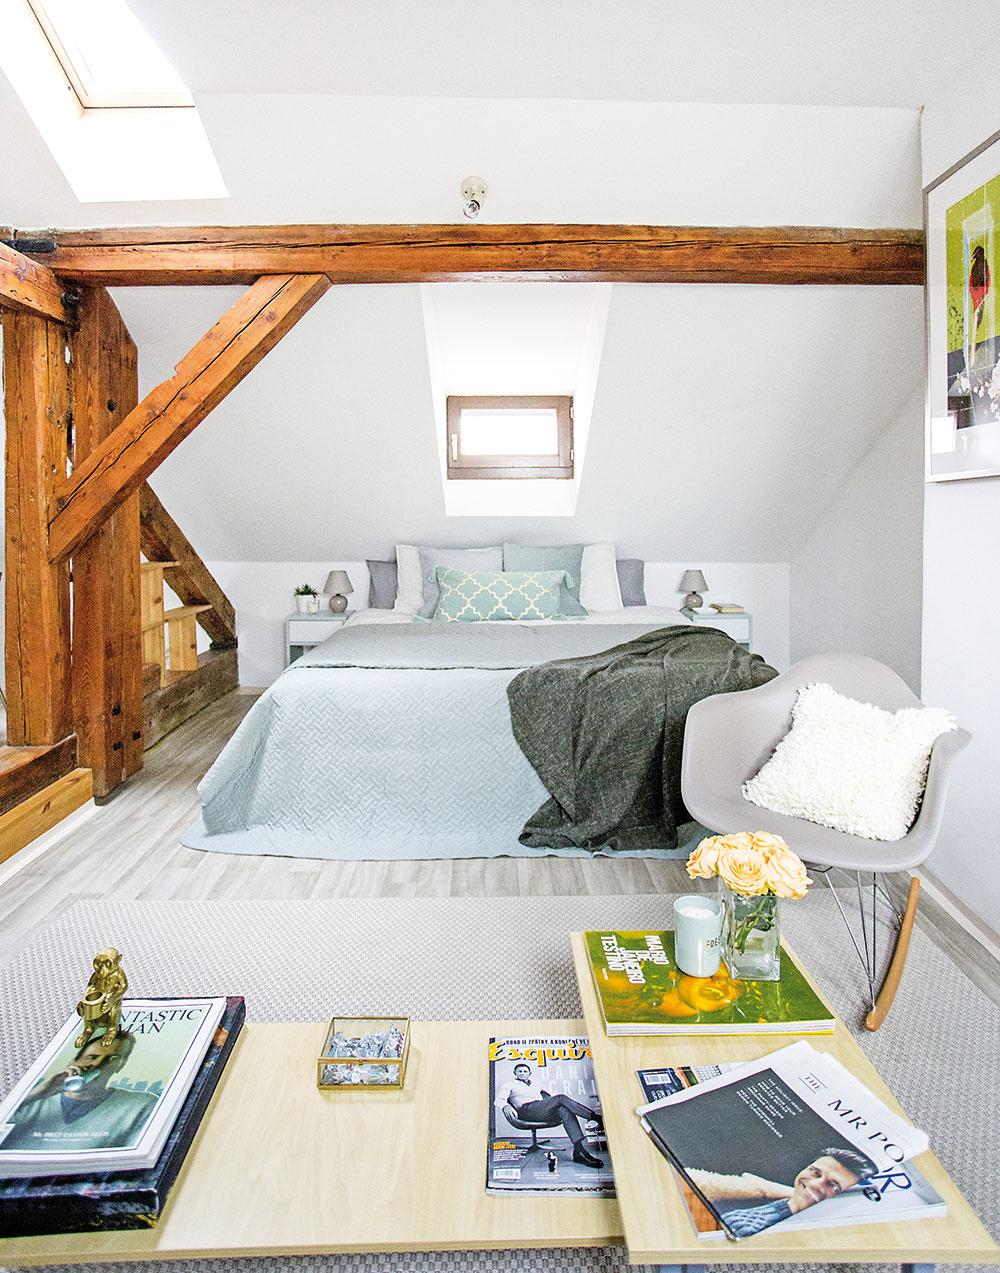 Farebné ladenie. Starostlivo zvolená sivozelená farba zjednotila priestor celého bytu – stretnete sa s ňou na dvierkach kuchynskej linky, na prikrývke postele či na doplnkoch. Posteľ, ktorá v byte už bola, doplnil dizajnér sivozelenou prikrývkou, vankúšiky a sivý koberec zas korešpondujú so sivým hojdacím kreslom.